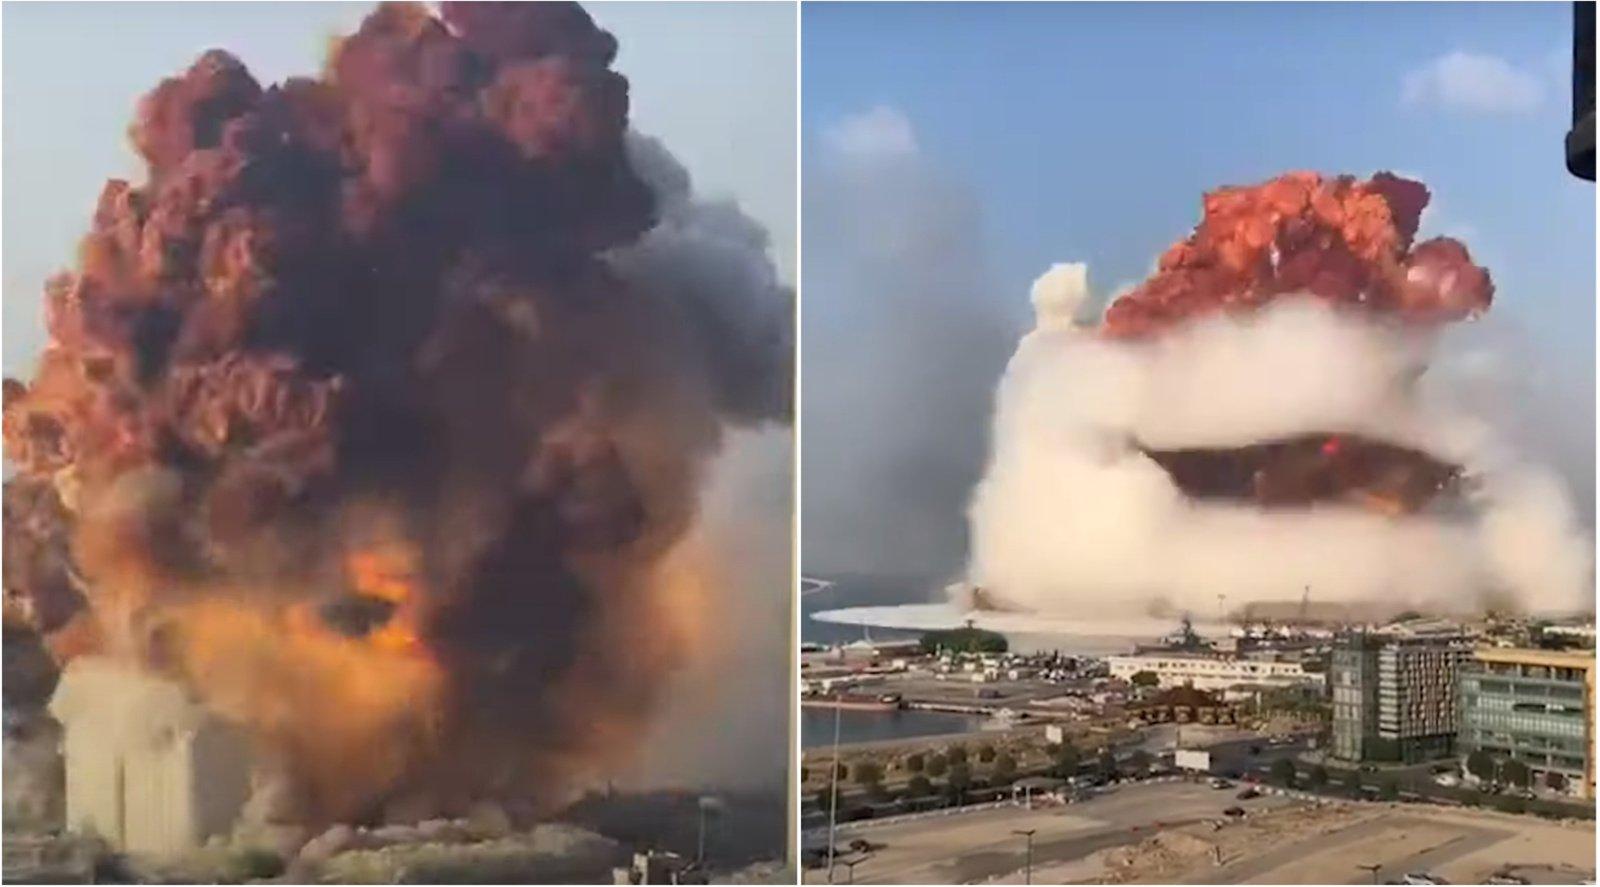 Libano sostinėje per niokojantį sprogimą žuvo per 100 žmonių, tūkstančiai sužeisti